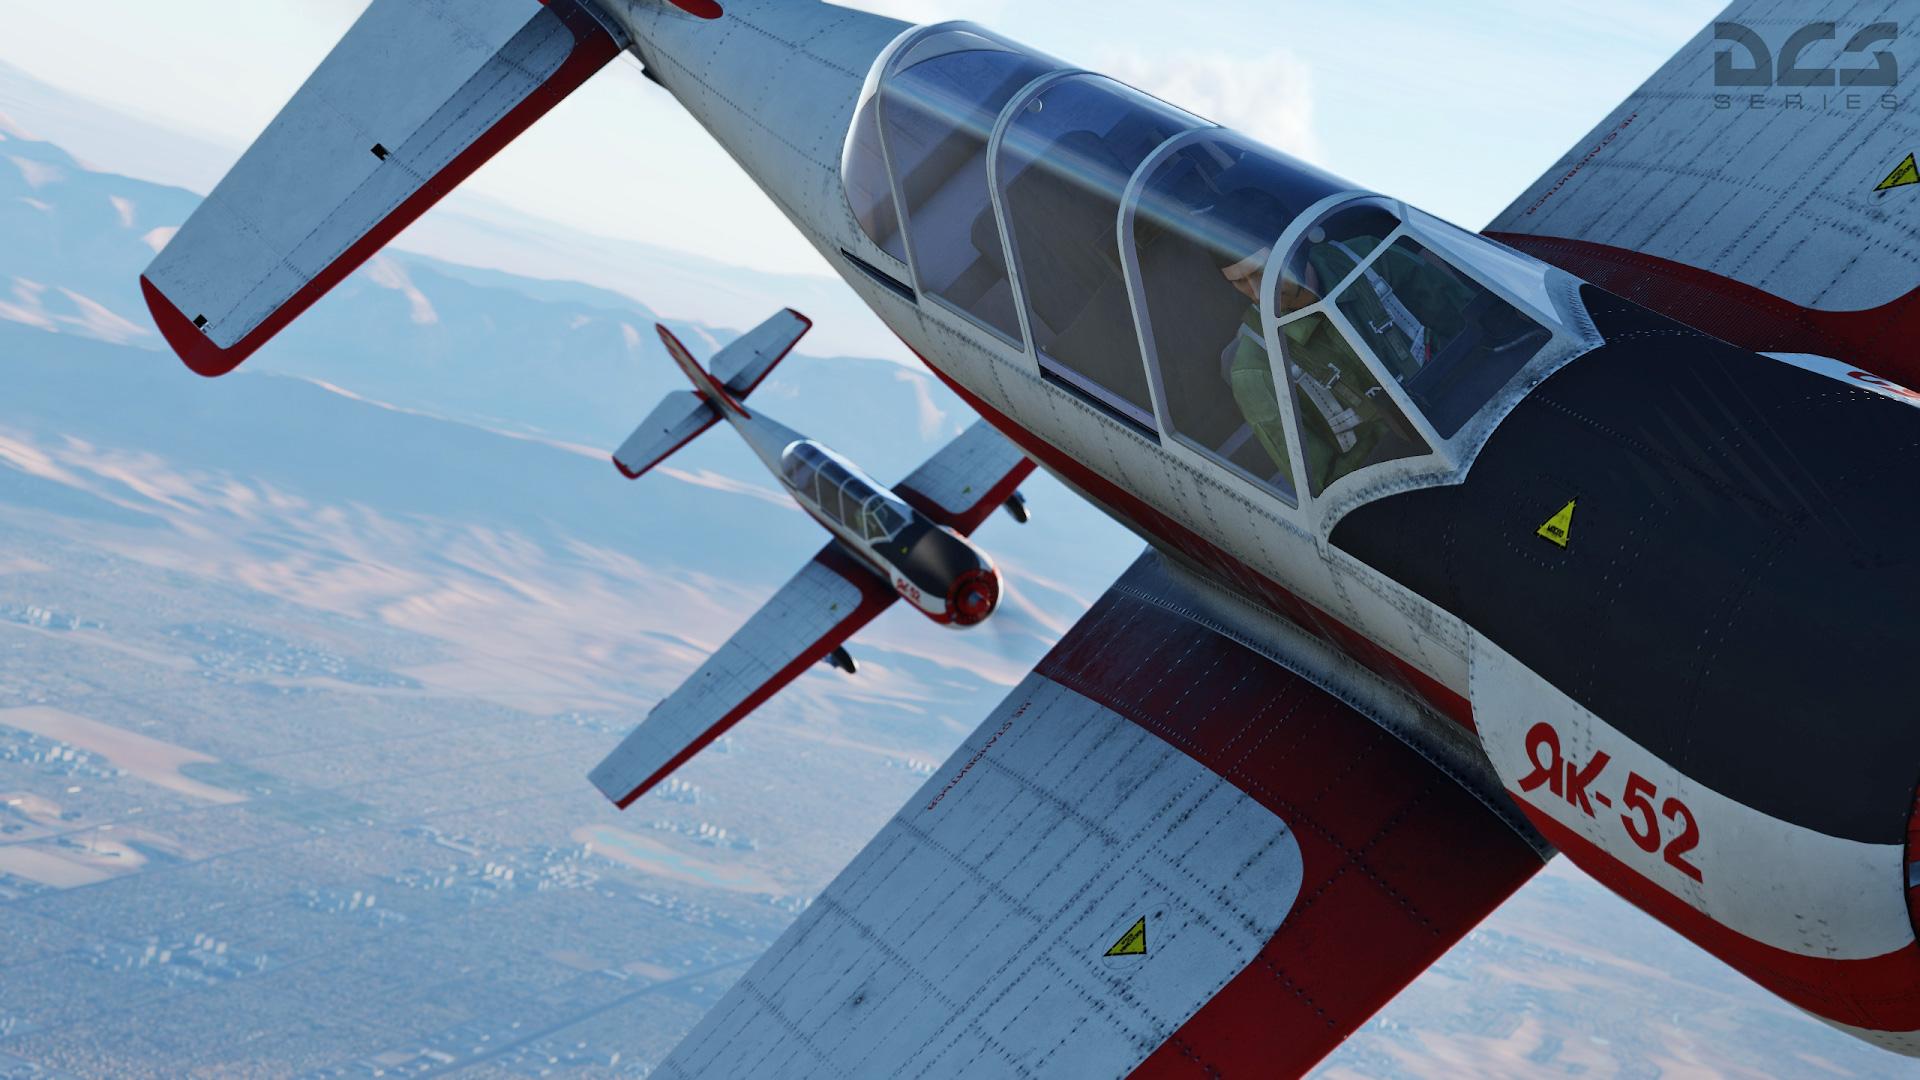 Картинка самолет в вираже